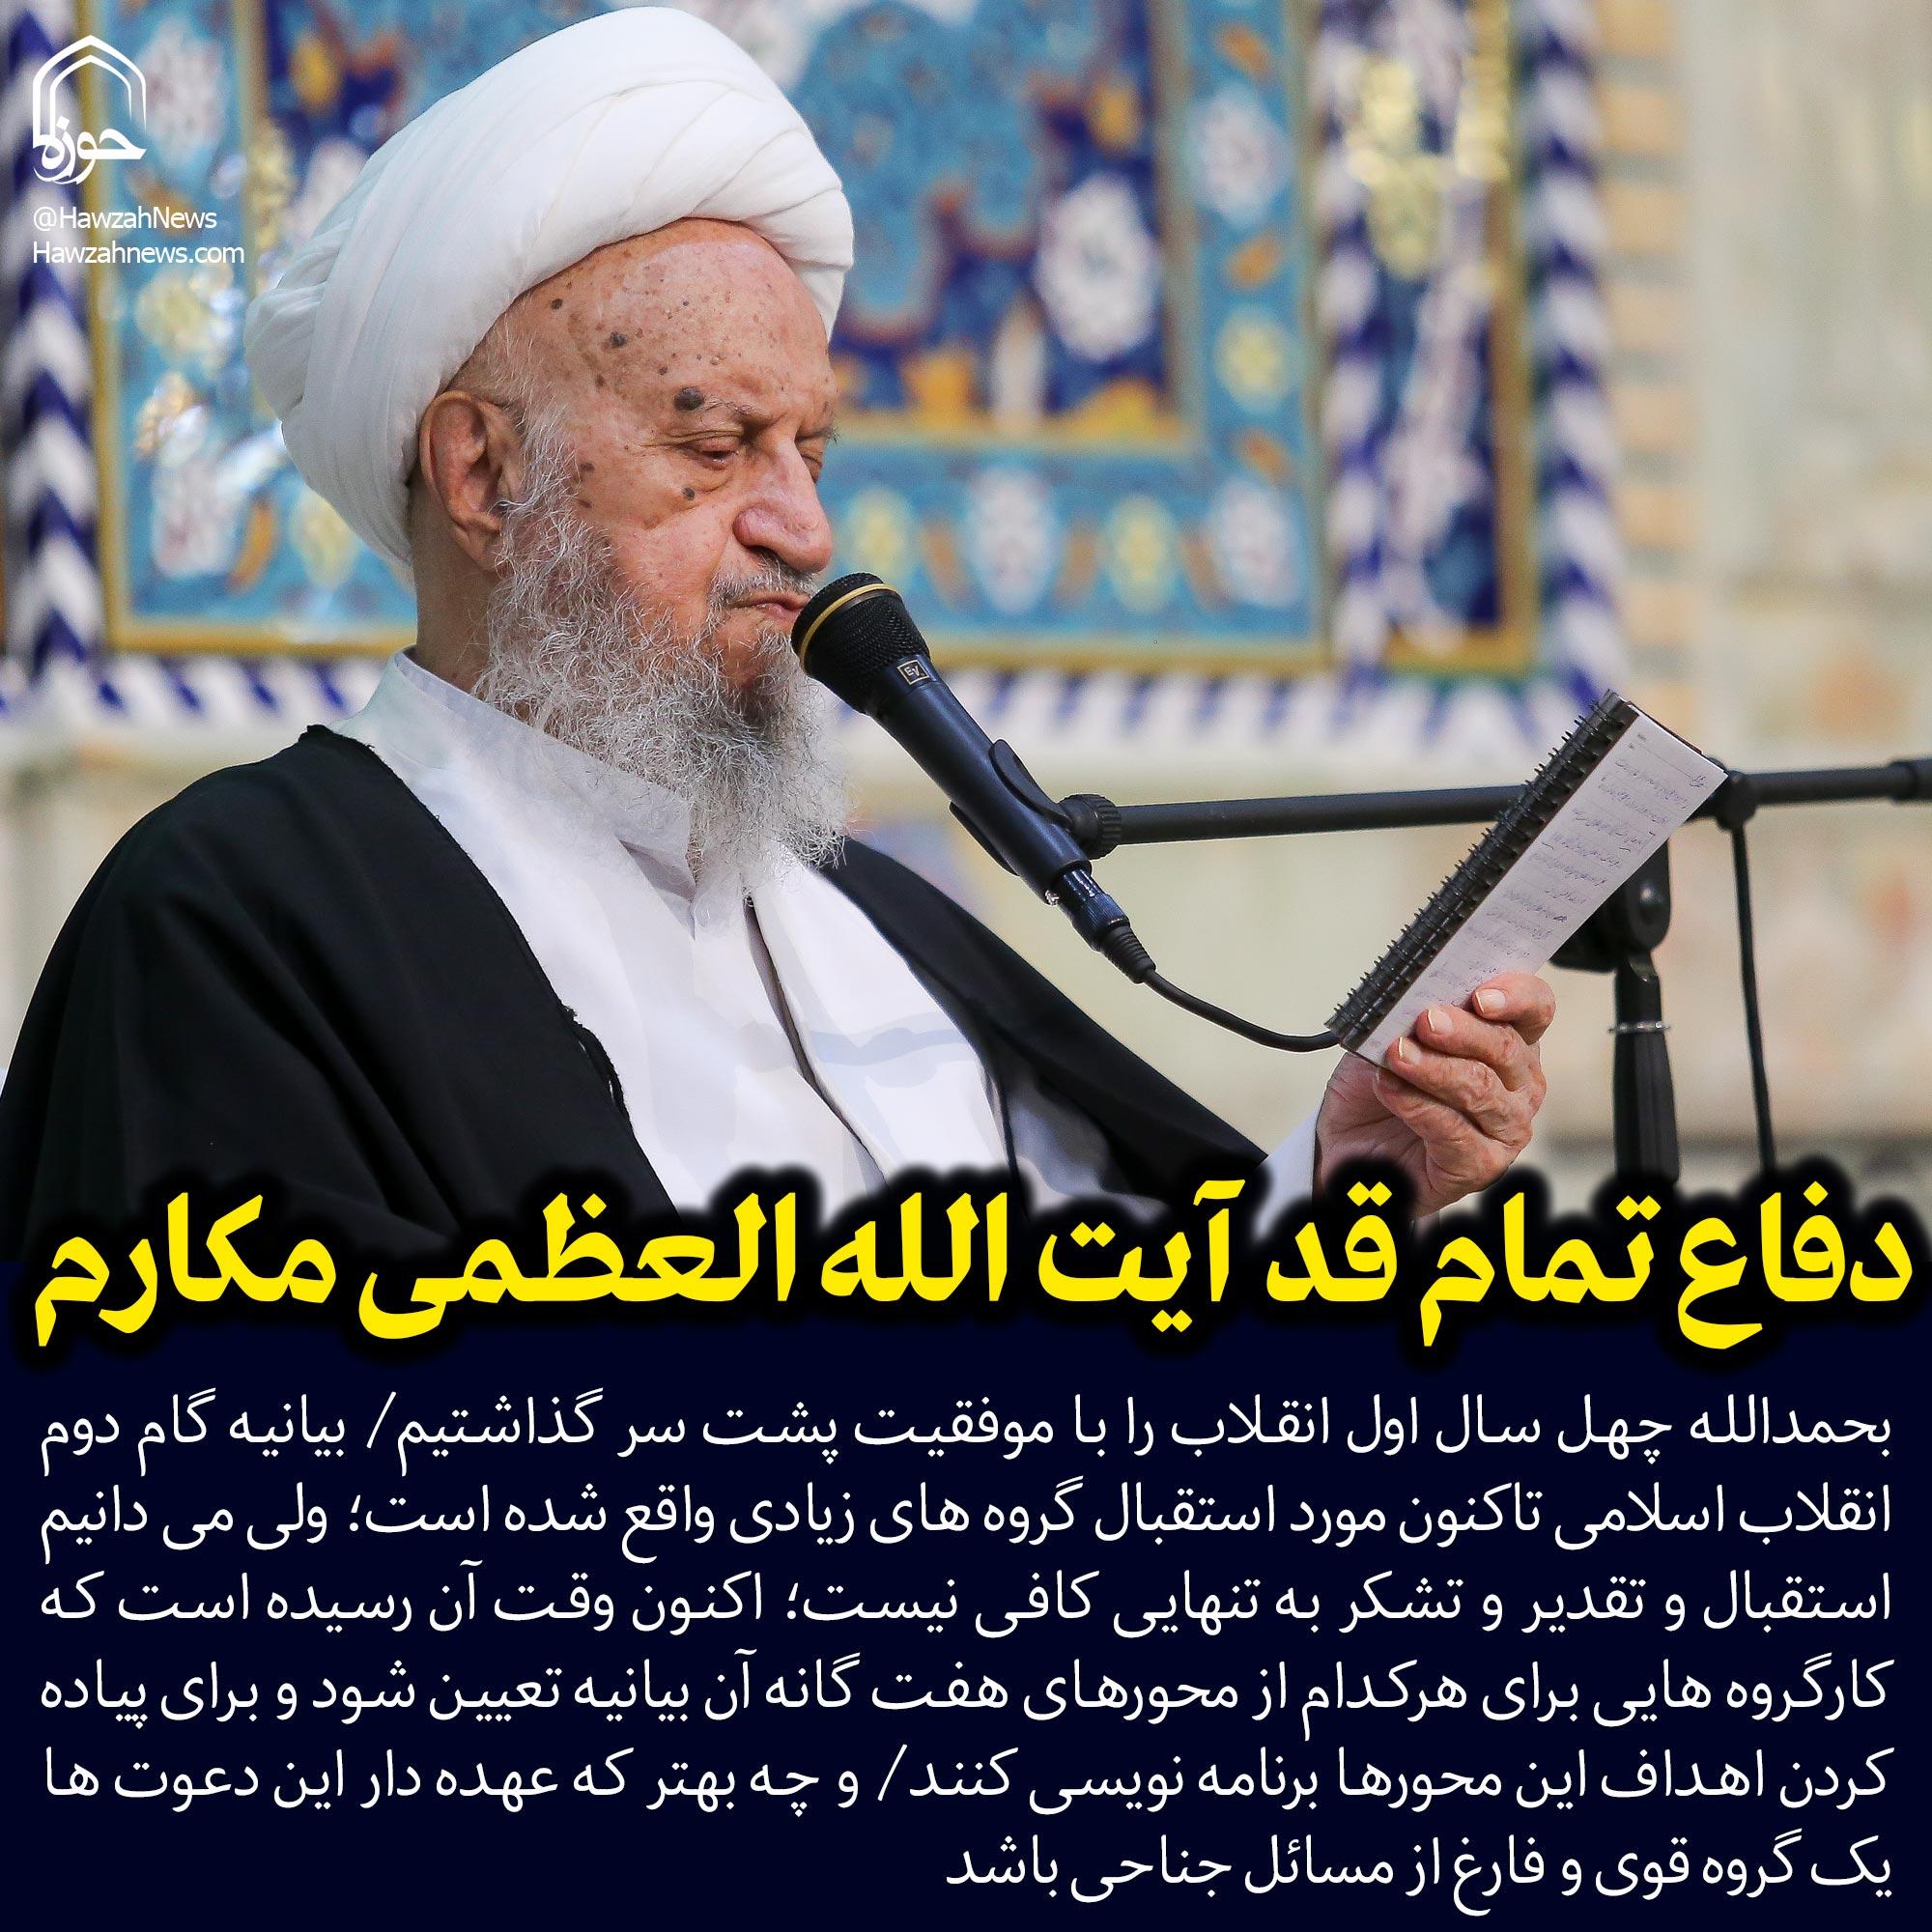 عکس نوشته/ دفاع تمام قد آیت الله العظمی مکارم از بیانیه گام دوم